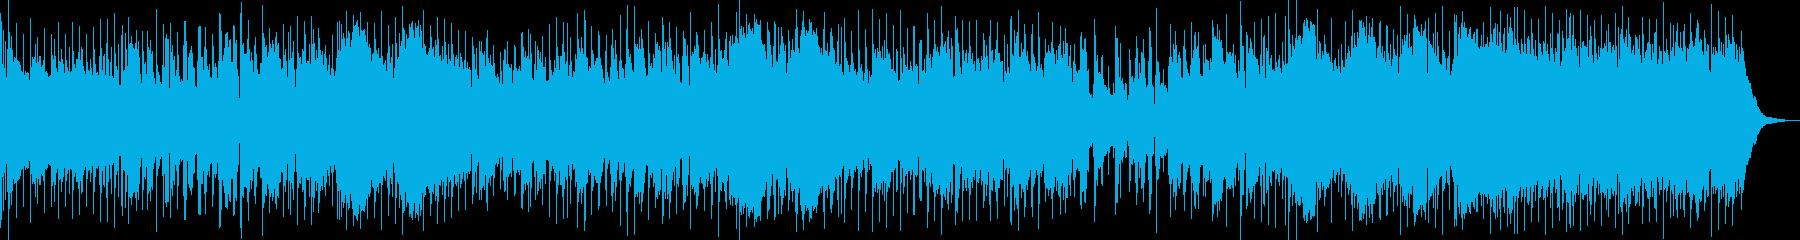 流れるような反射的なポップフォーク...の再生済みの波形